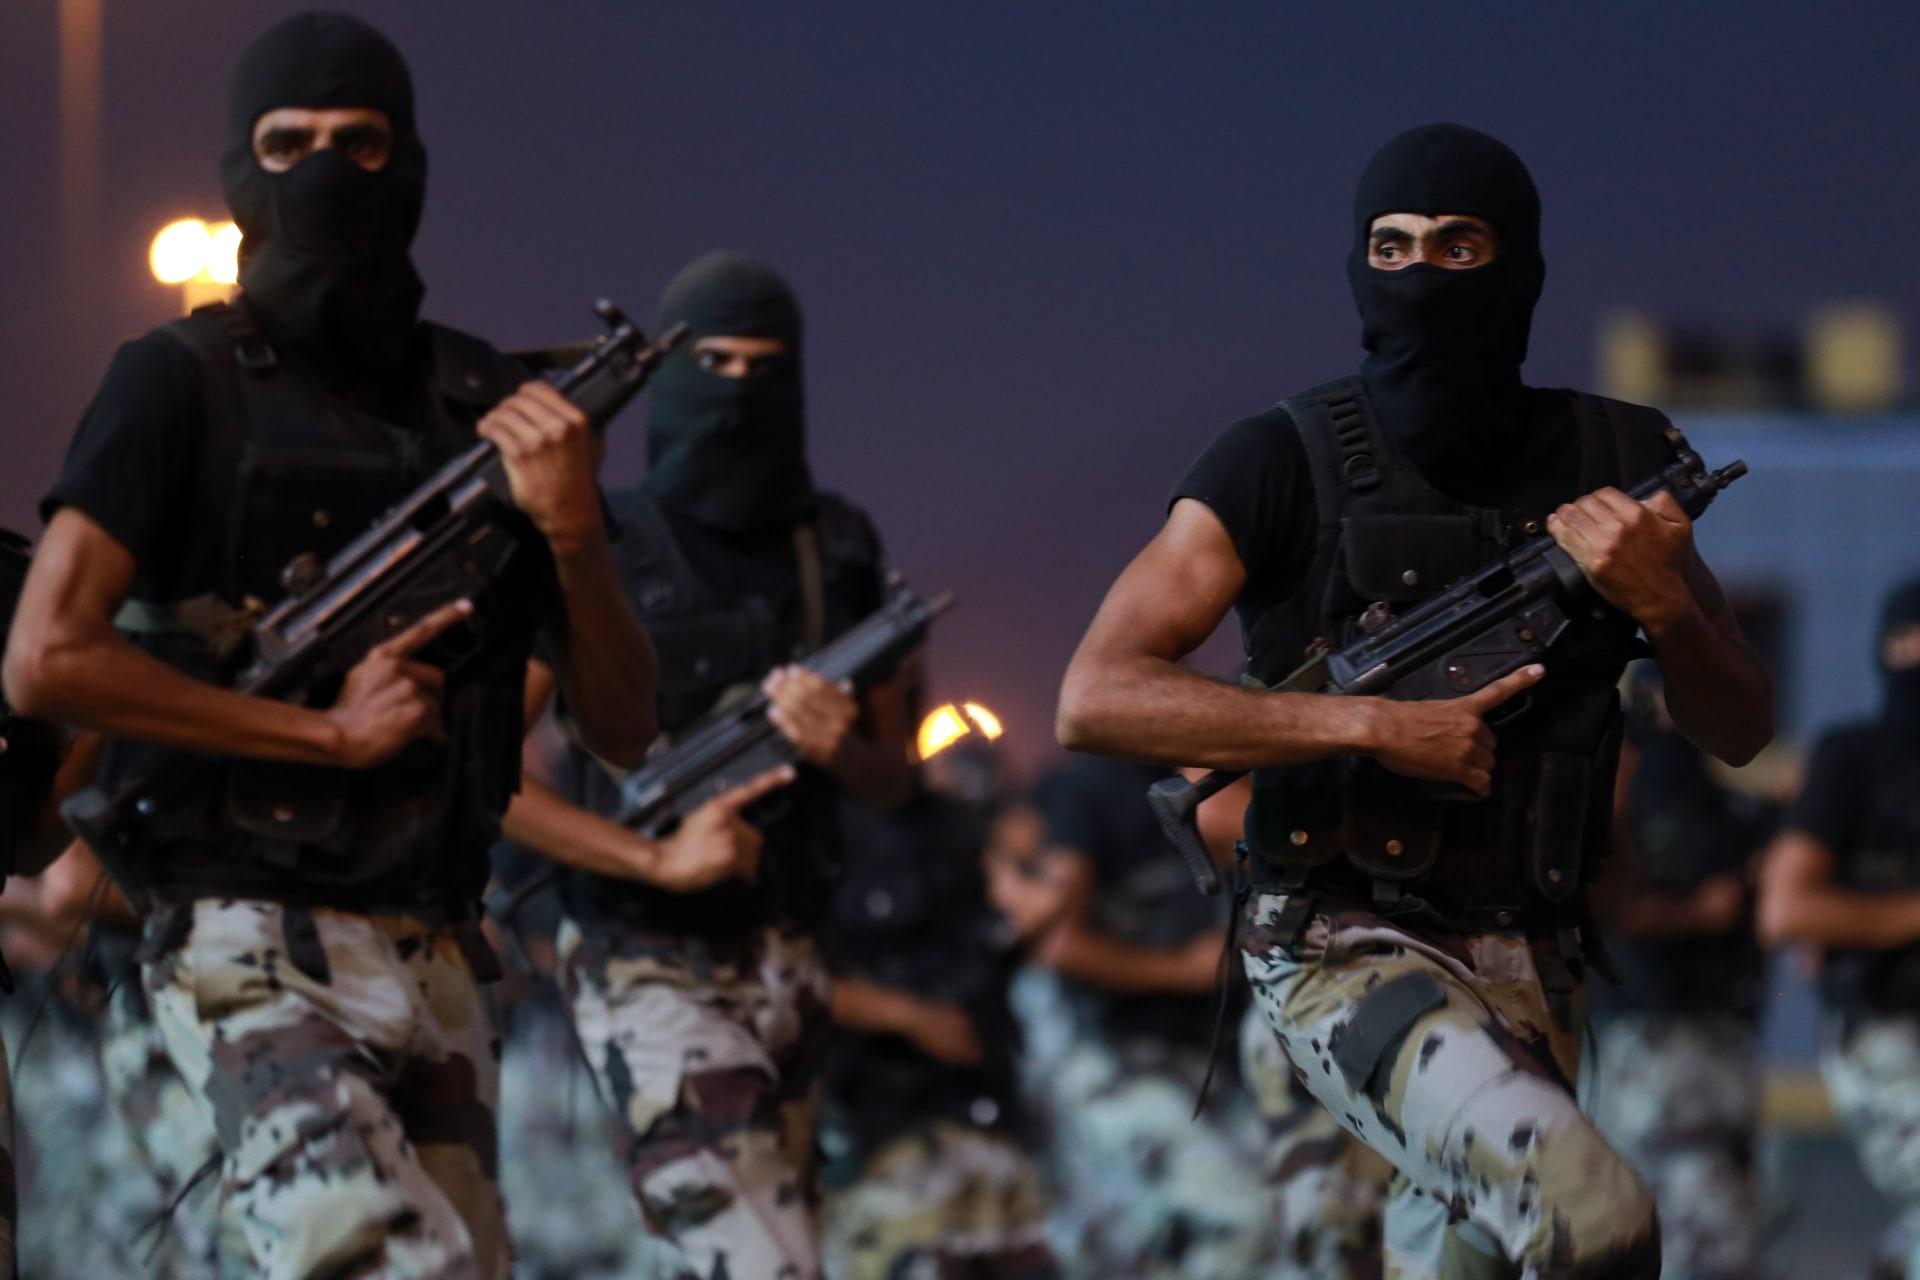 أمن الدولة تكشف الرابط بين منفذي هجوم الرياض وتنظيم داعش